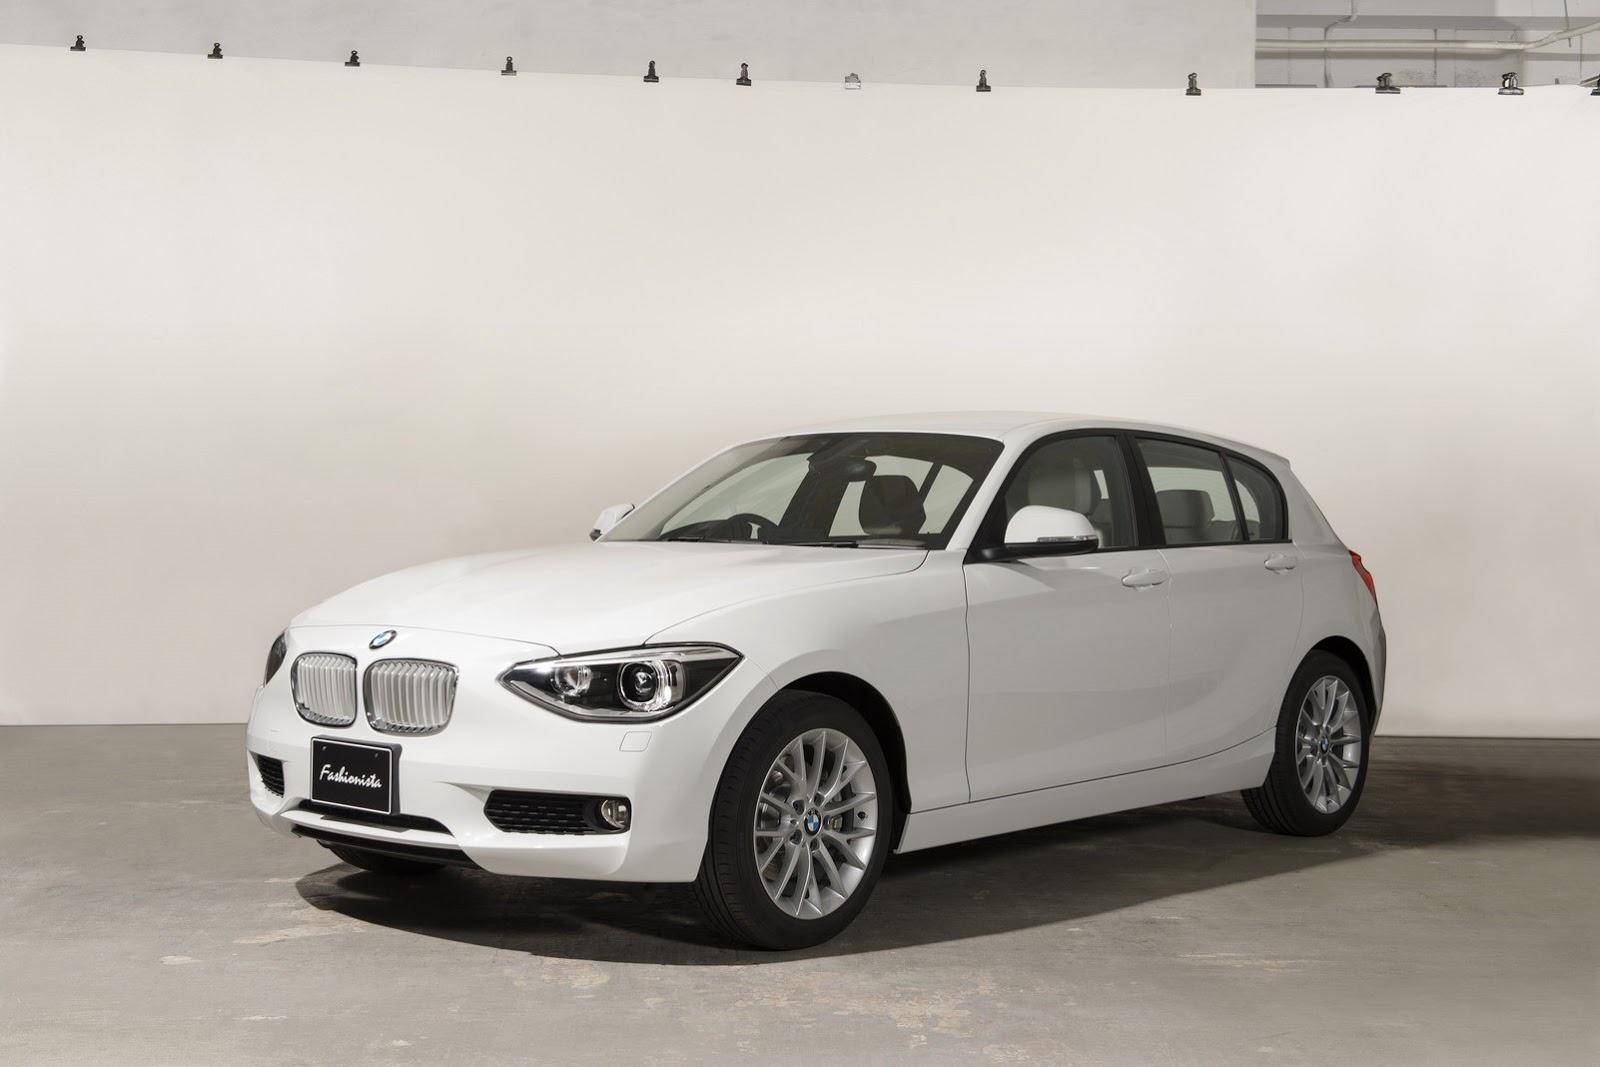 BMW 116i Fashionista Edition